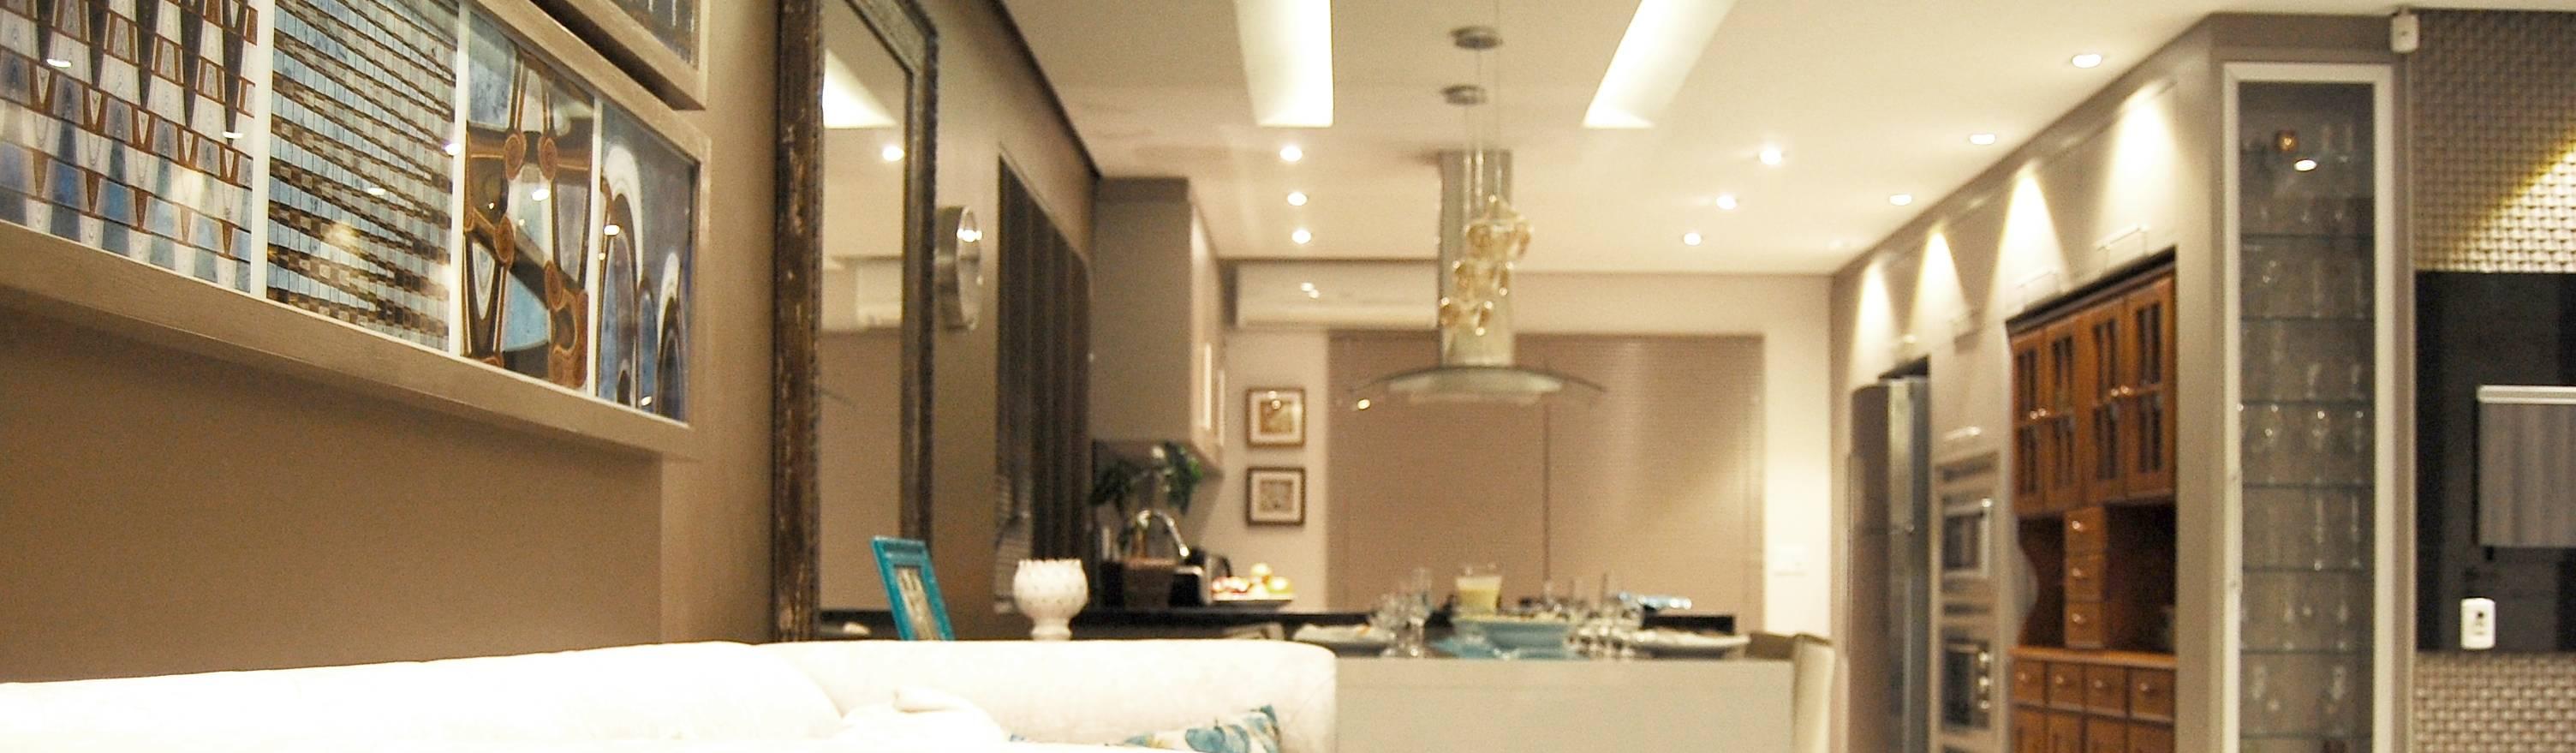 EDW Design de Interiores | LightDesign